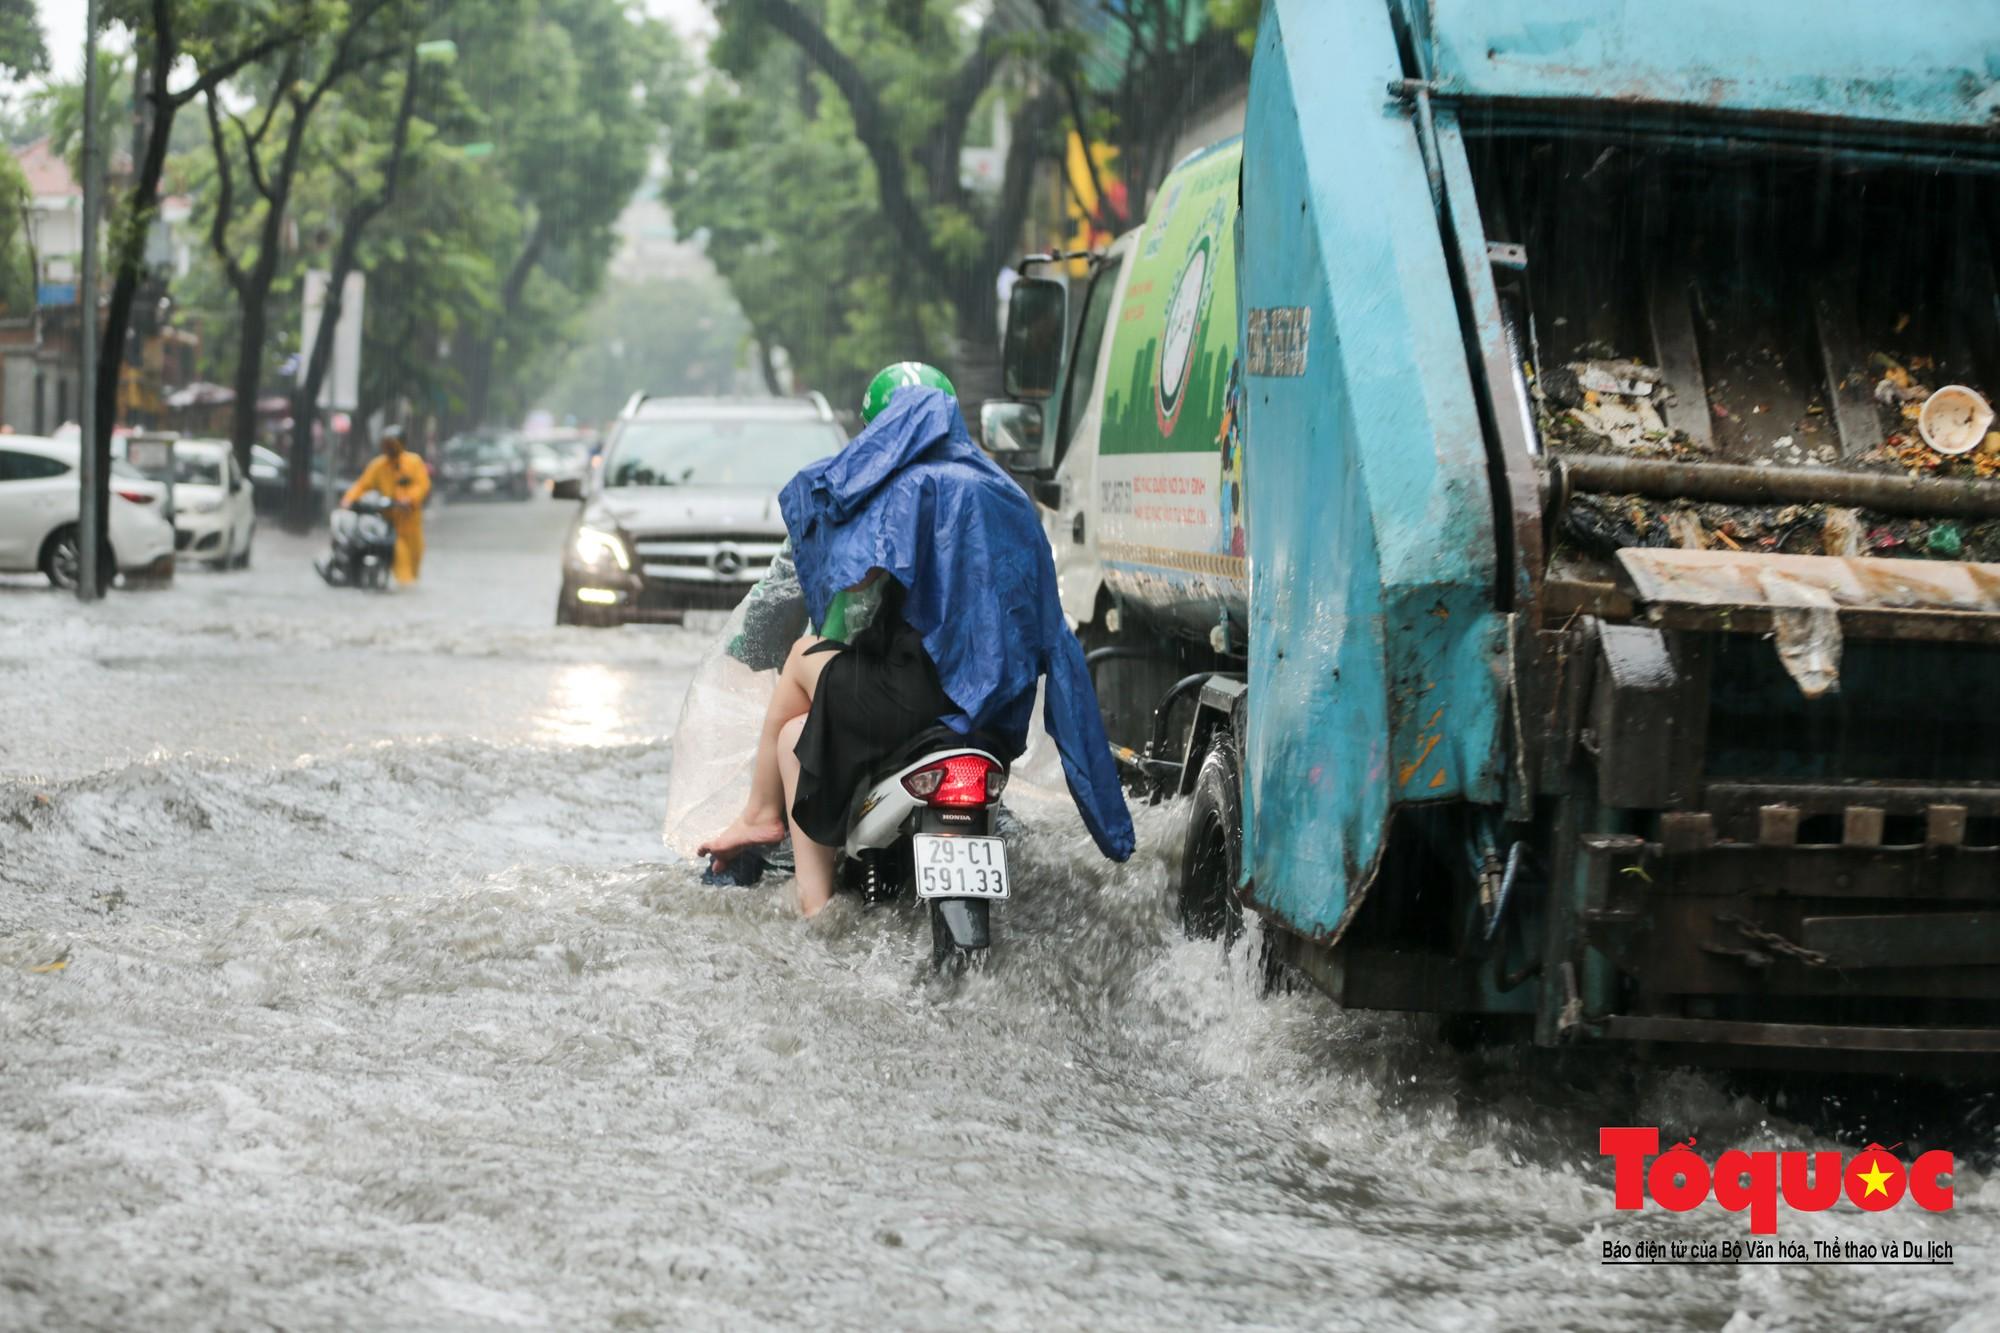 Hà Nội mưa lớn bất ngờ, nhiều tuyến đường lại ngập trong sâu biển nước13